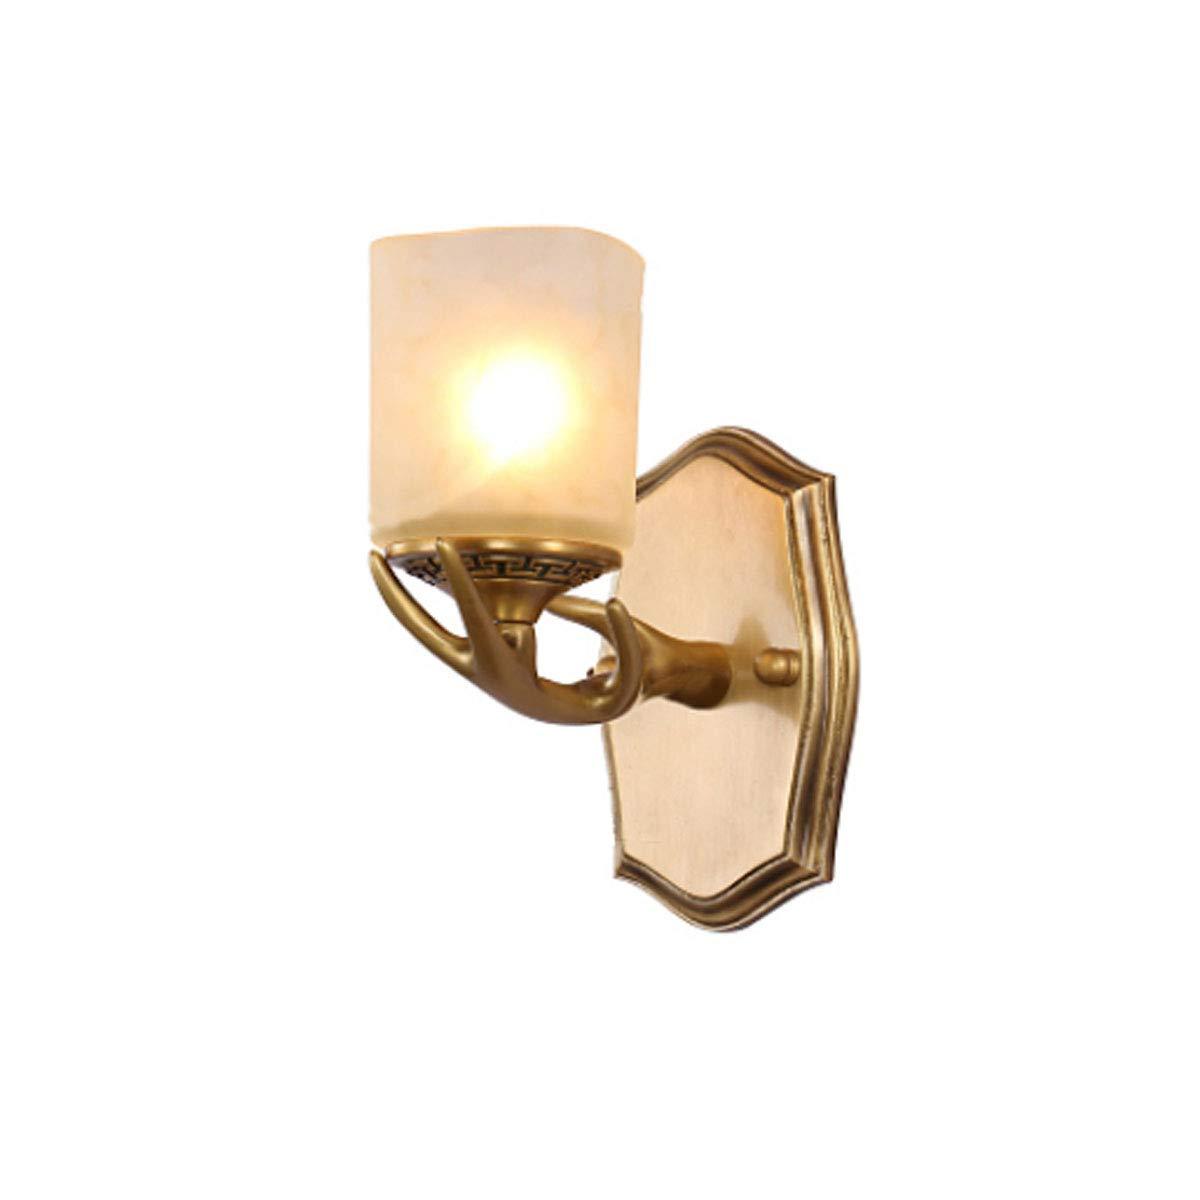 ウォールライト、オール銅製ウォールライト、アントラーアートウォールライト(4.8 * 8 * 9.2インチ) (Color : ブラック) B07R48JJM1 ブラック